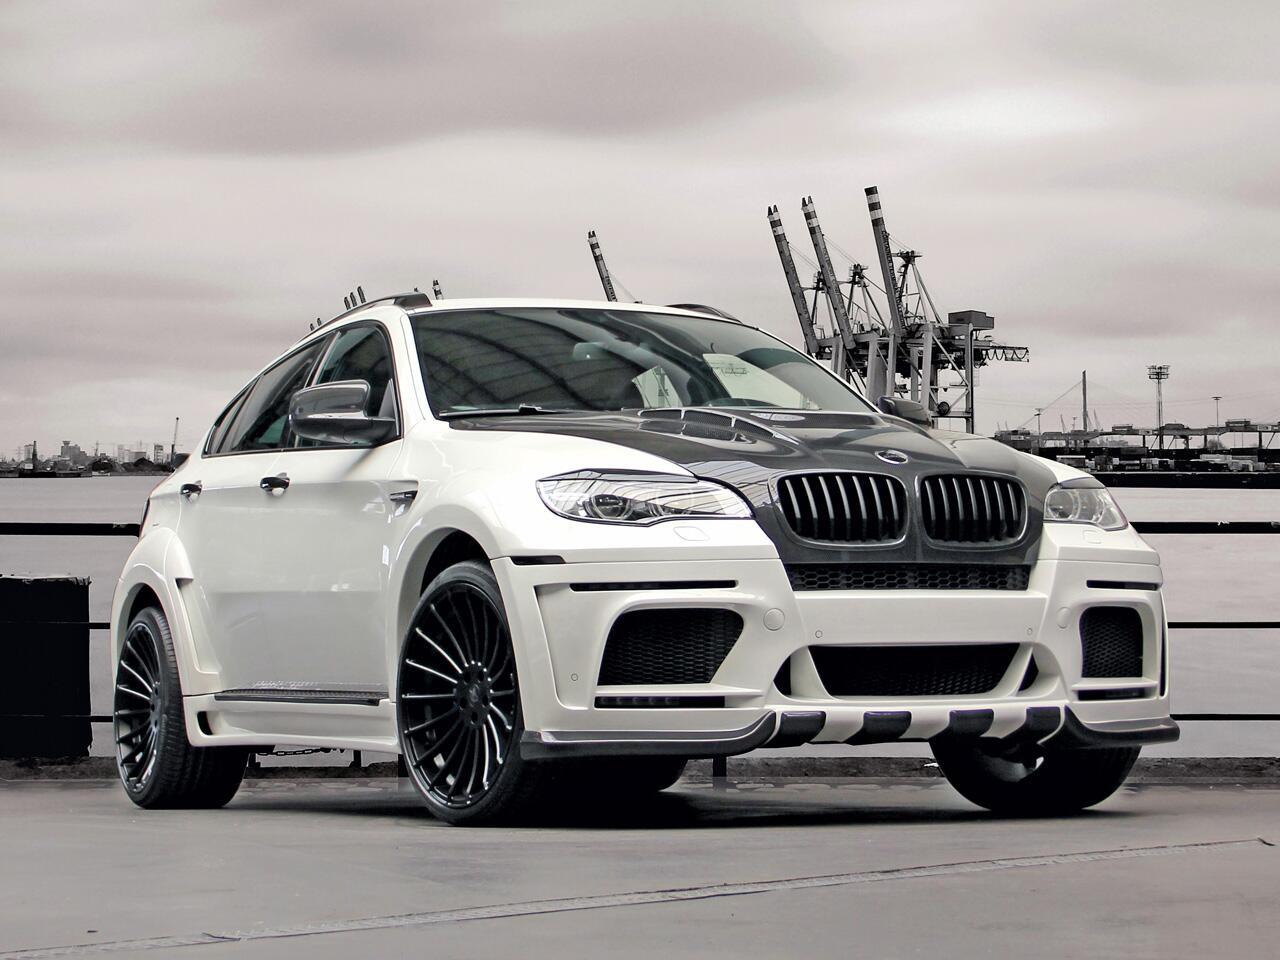 Bild zu Edles Optik-Tuning für Schwergewicht: BMW X6 M geht in die Breite